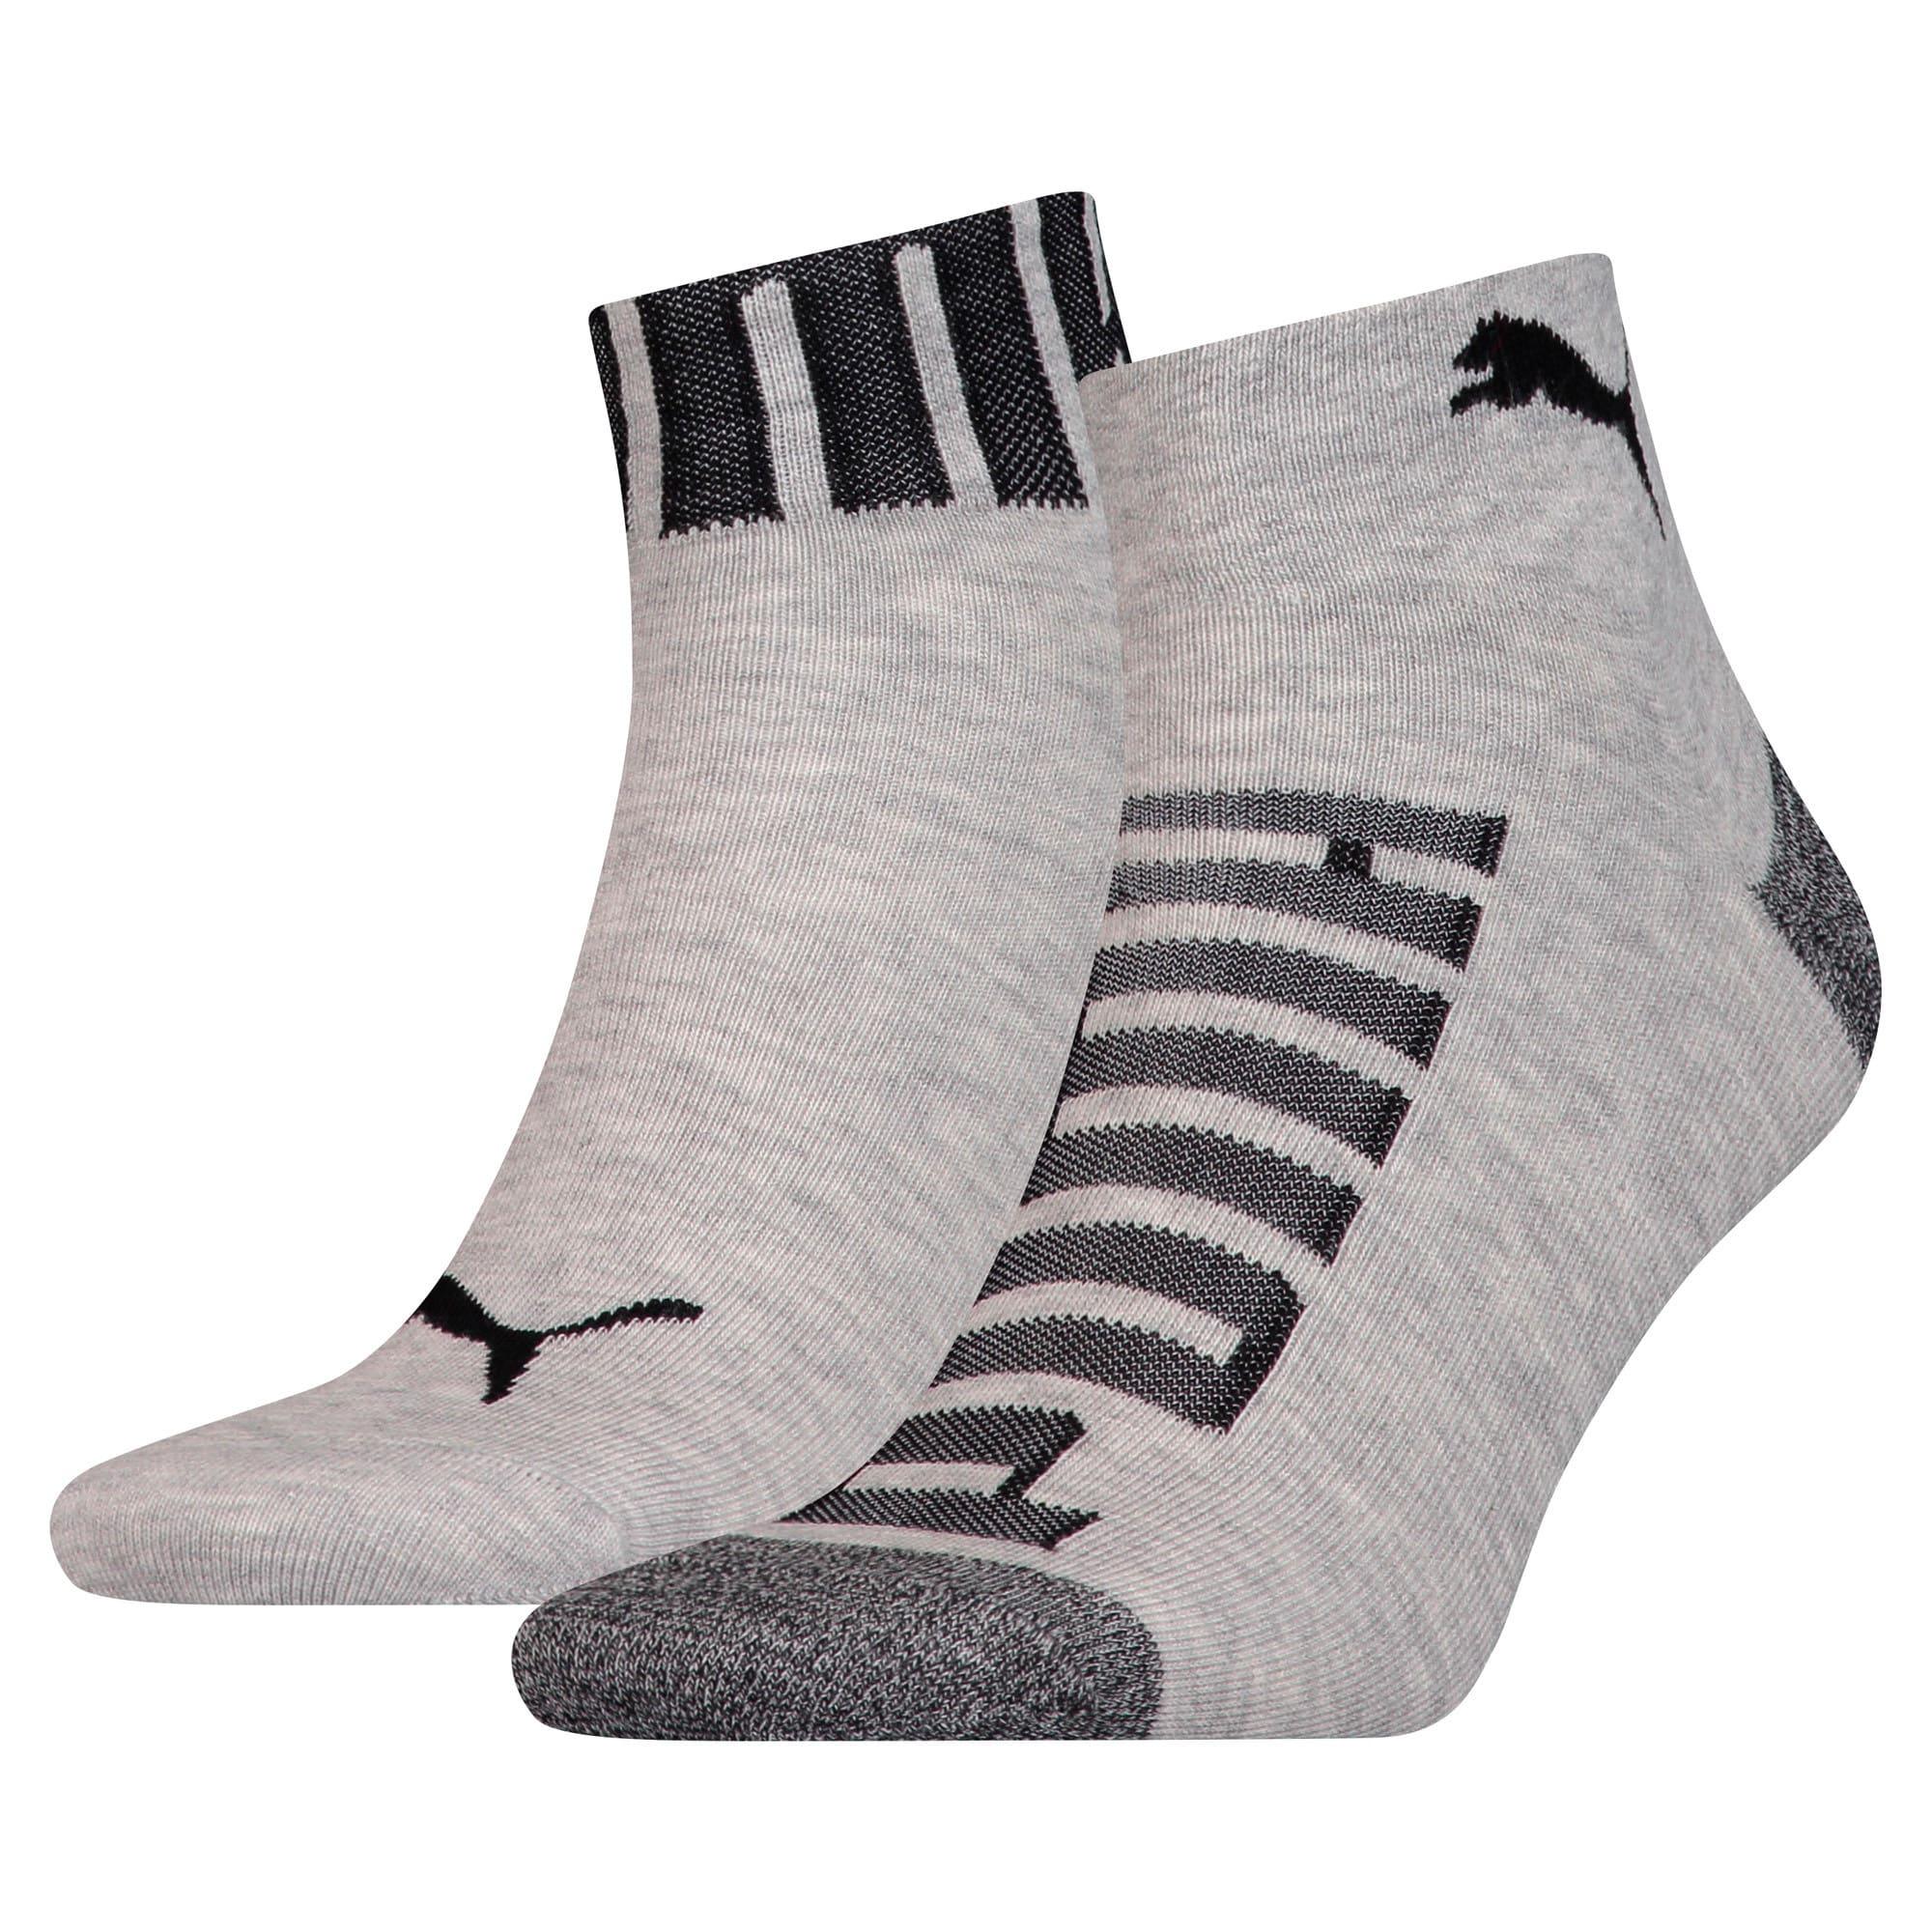 Thumbnail 1 of Logo Welt Men's Quarter Socks 2 Pack, mid grey / black, medium